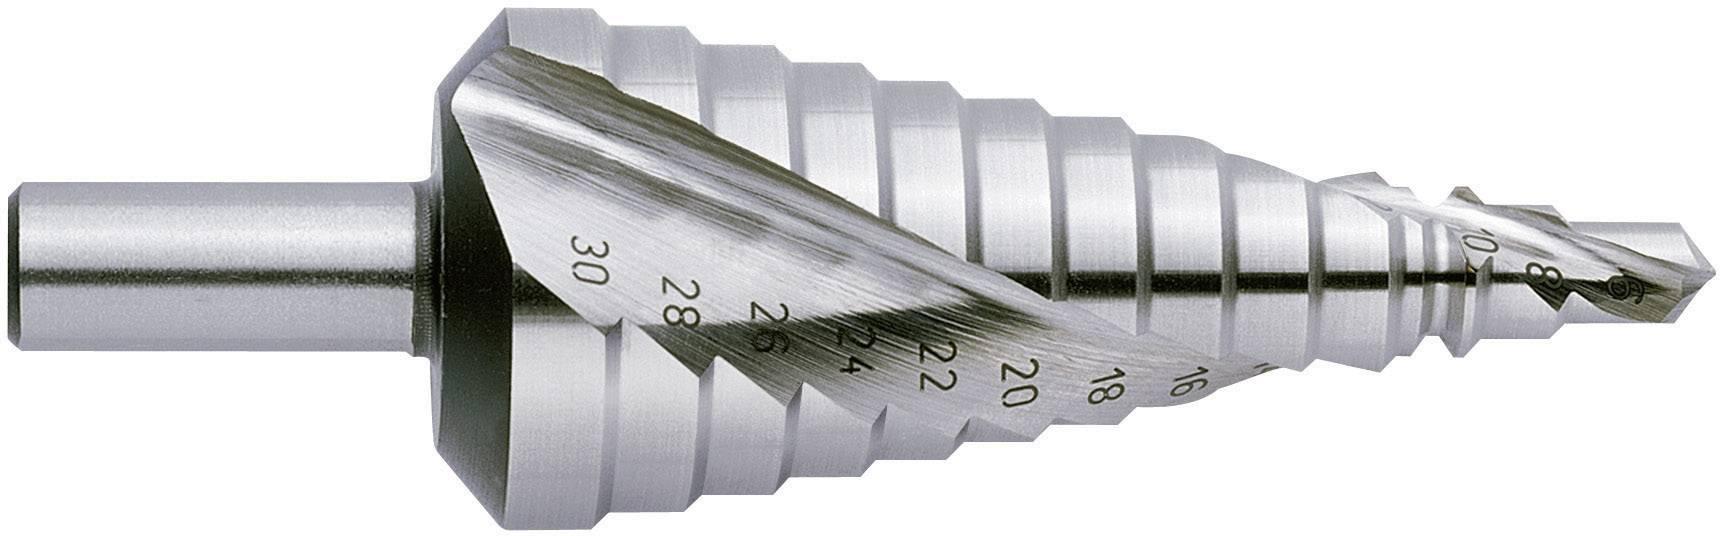 HSS stupňovitý vrták Exact 07005, 6 - 36 mm, kužeľový záhlbník, 1 ks